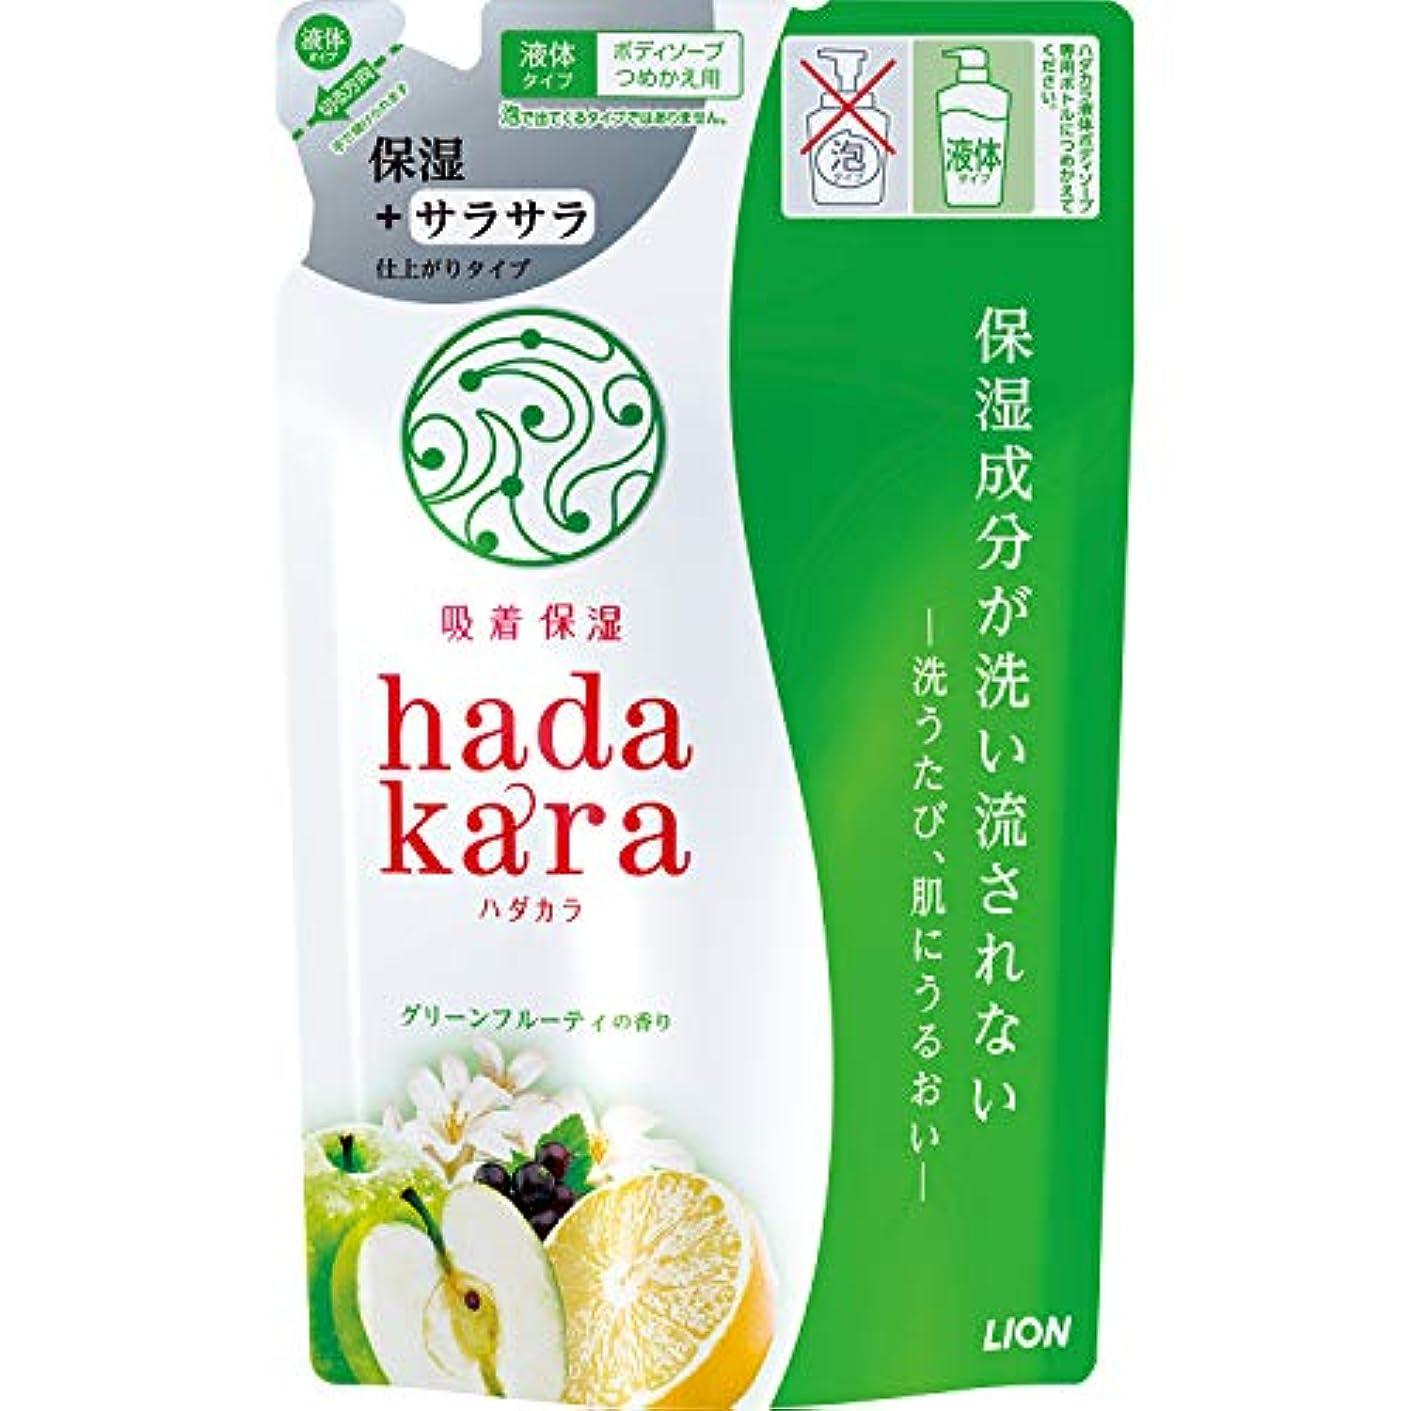 ピット疾患明快hadakara(ハダカラ) ボディソープ 保湿+サラサラ仕上がりタイプ グリーンフルーティの香り 詰め替え 340ml